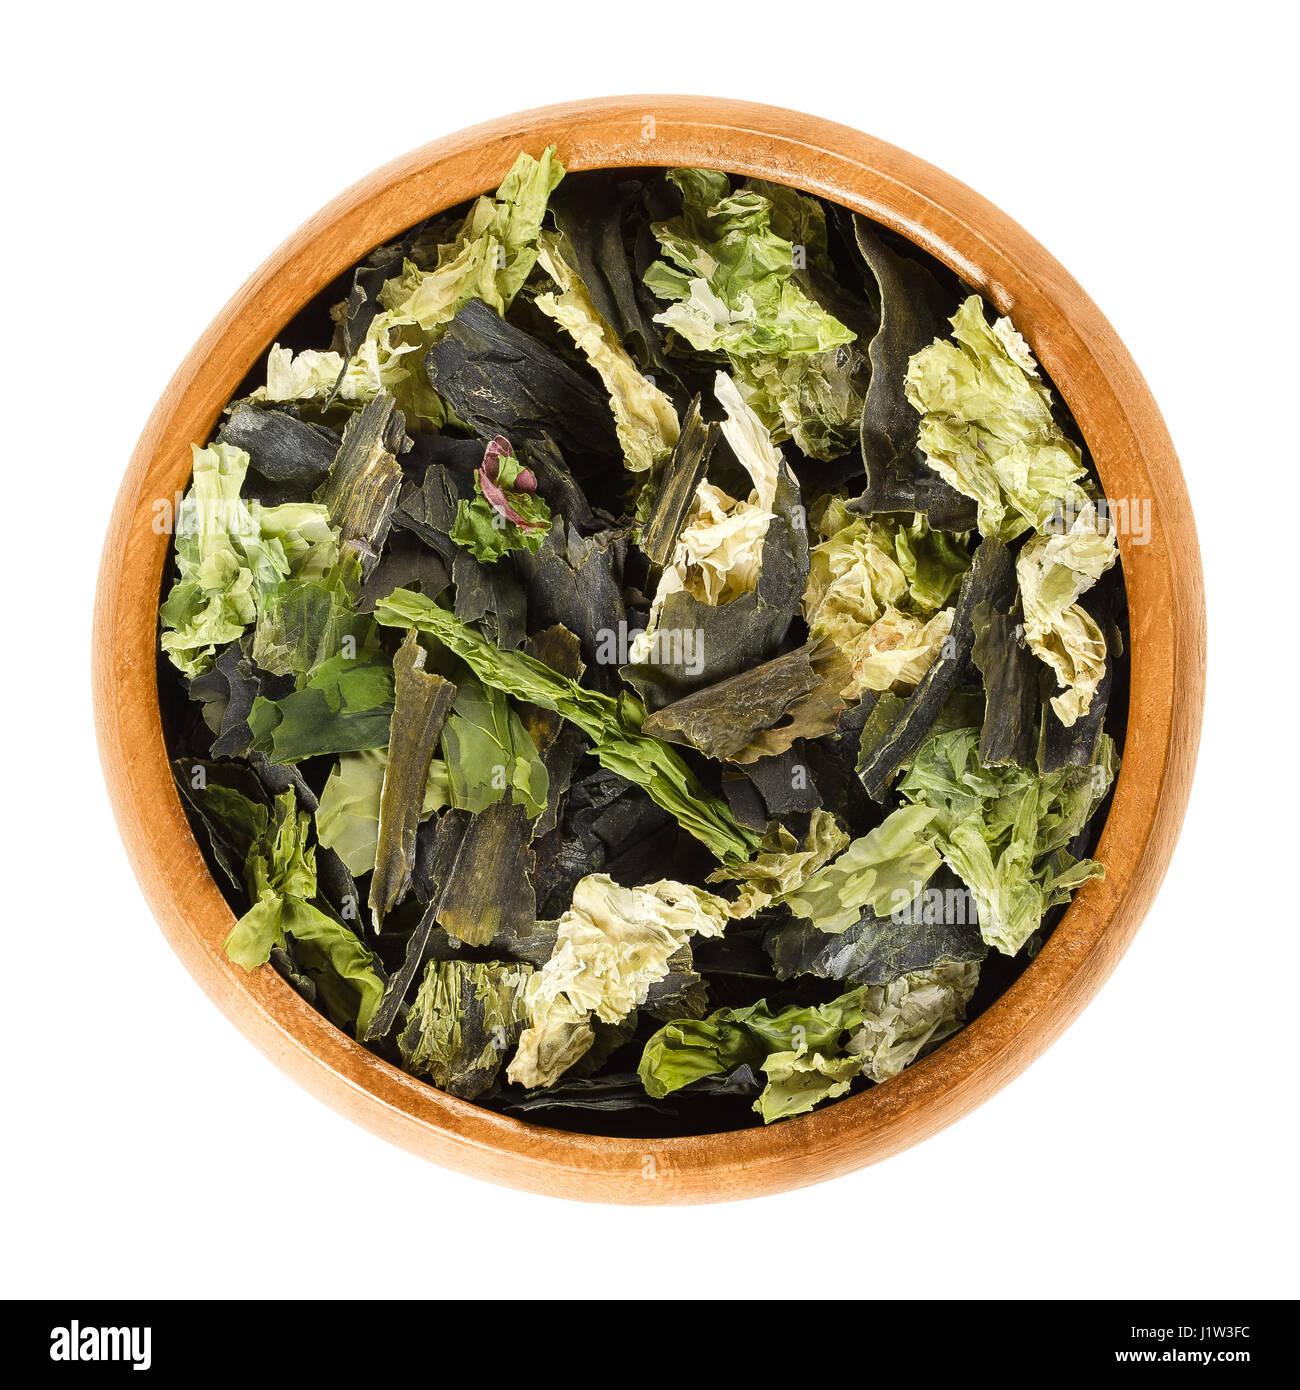 Las algas secas escamas en el tazón de madera. Mezcla de lechuga de mar, wakame y nori. Las Algas verdes comestibles y algas. Ulva lactuca, Undaria pinnatifida. Foto de stock